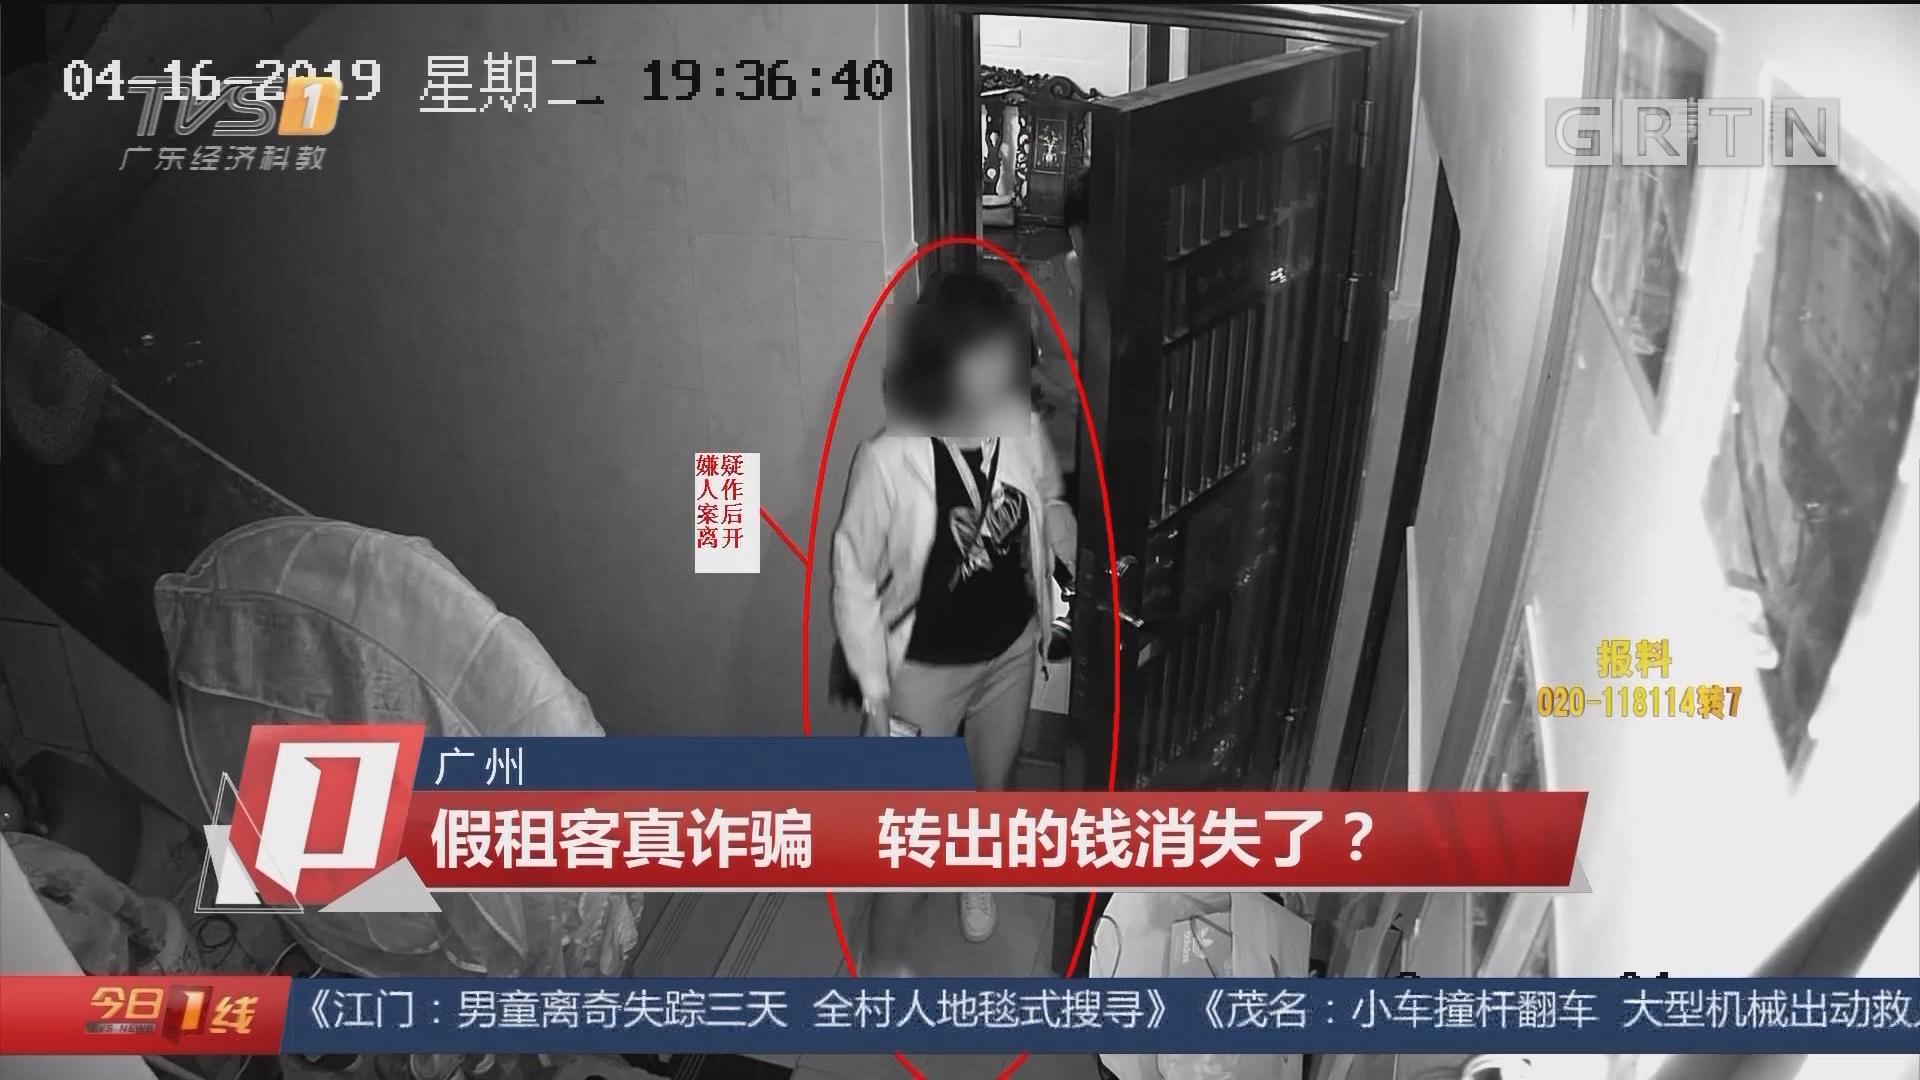 廣州:假租客真詐騙 轉出的錢消失了?